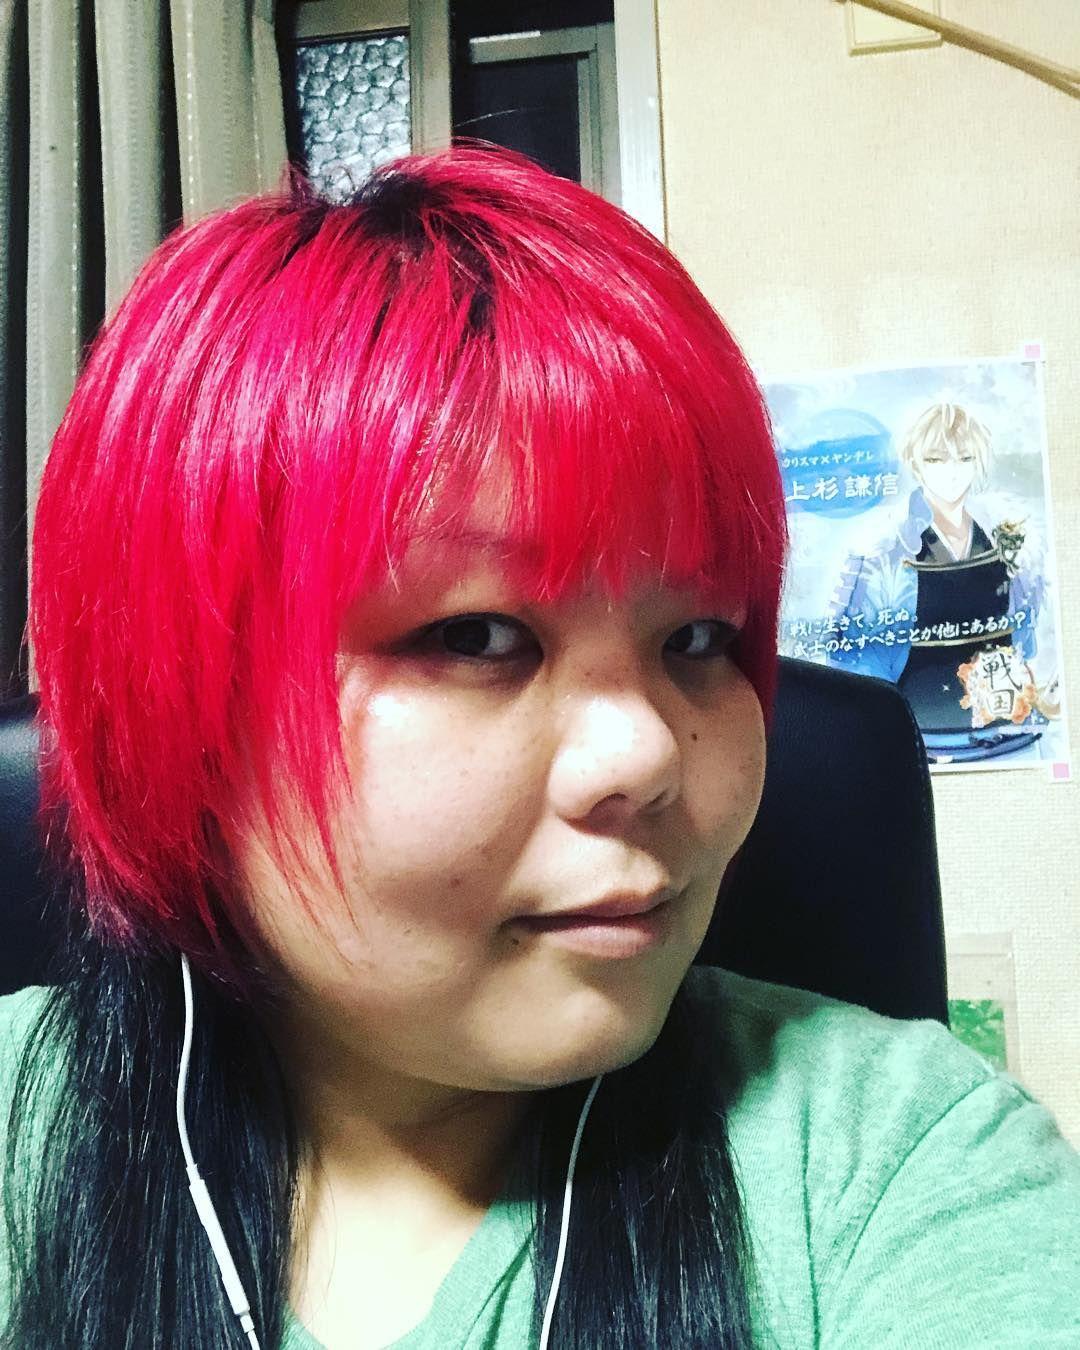 イメチェンしました ฅ ๑ ฅキャ 黒髪じゃなくて赤髪 マニパニの